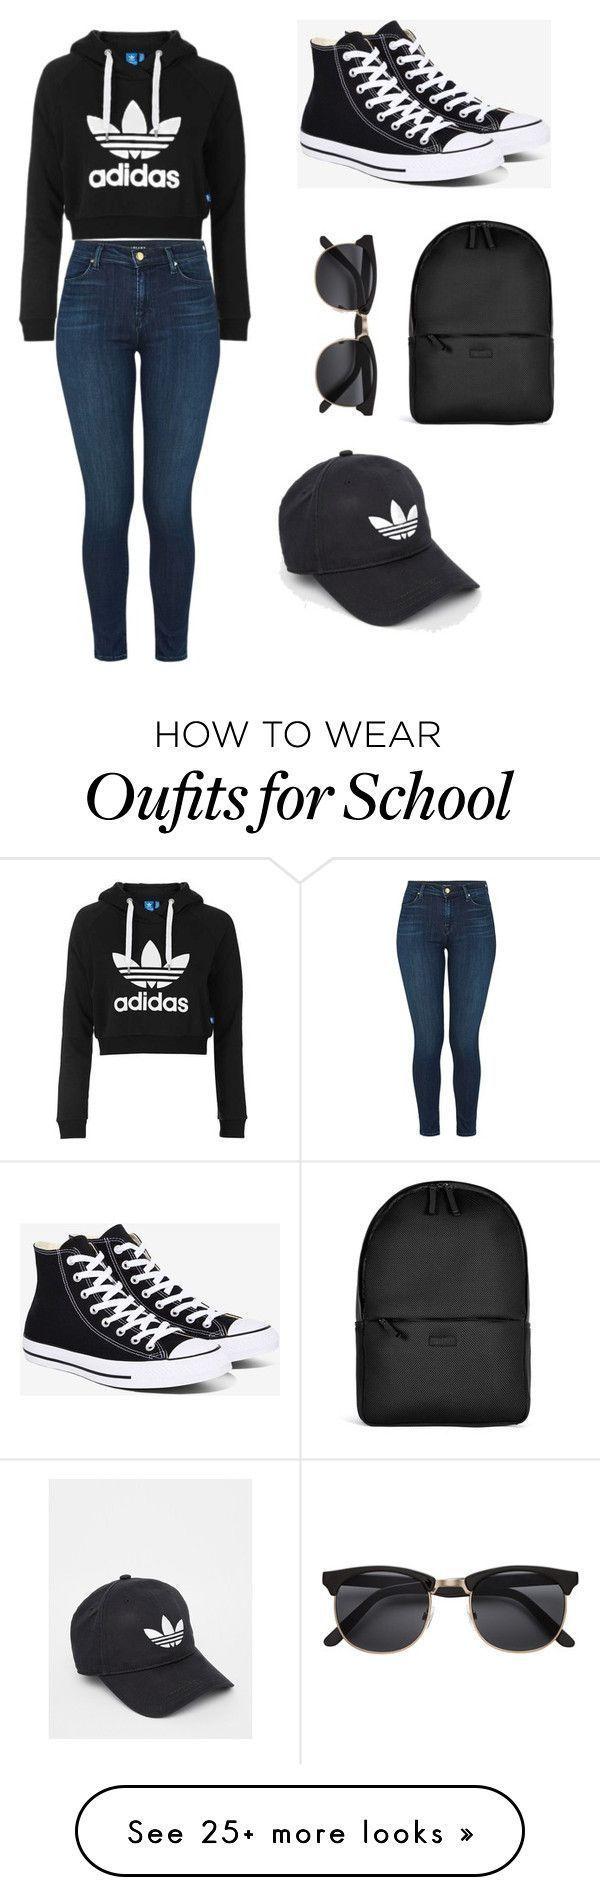 Adidas 17